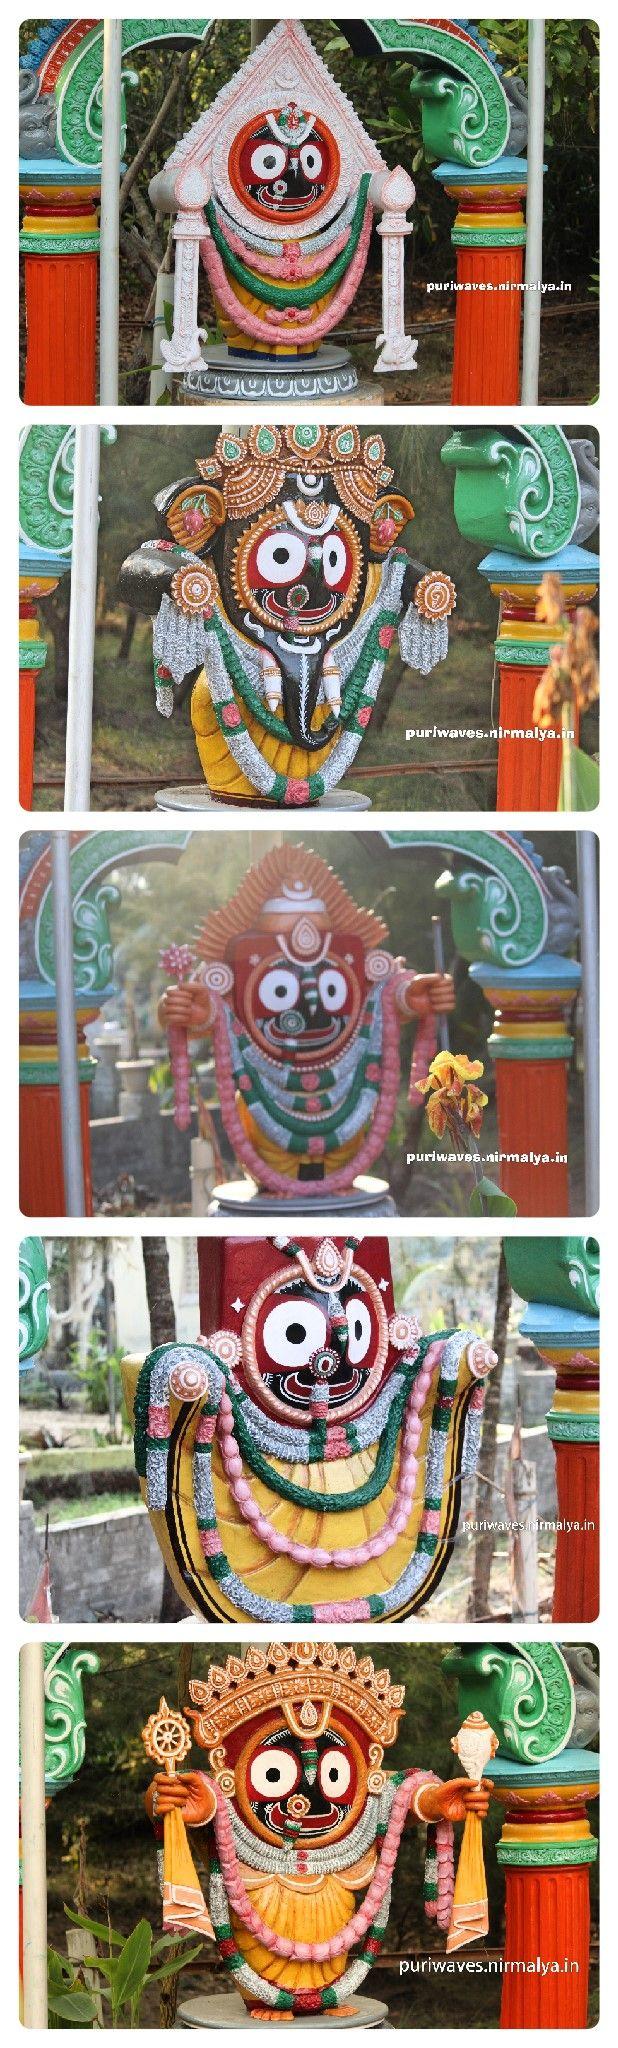 Lord Jagannath Statute at Goura Bihar Ashram, Puri